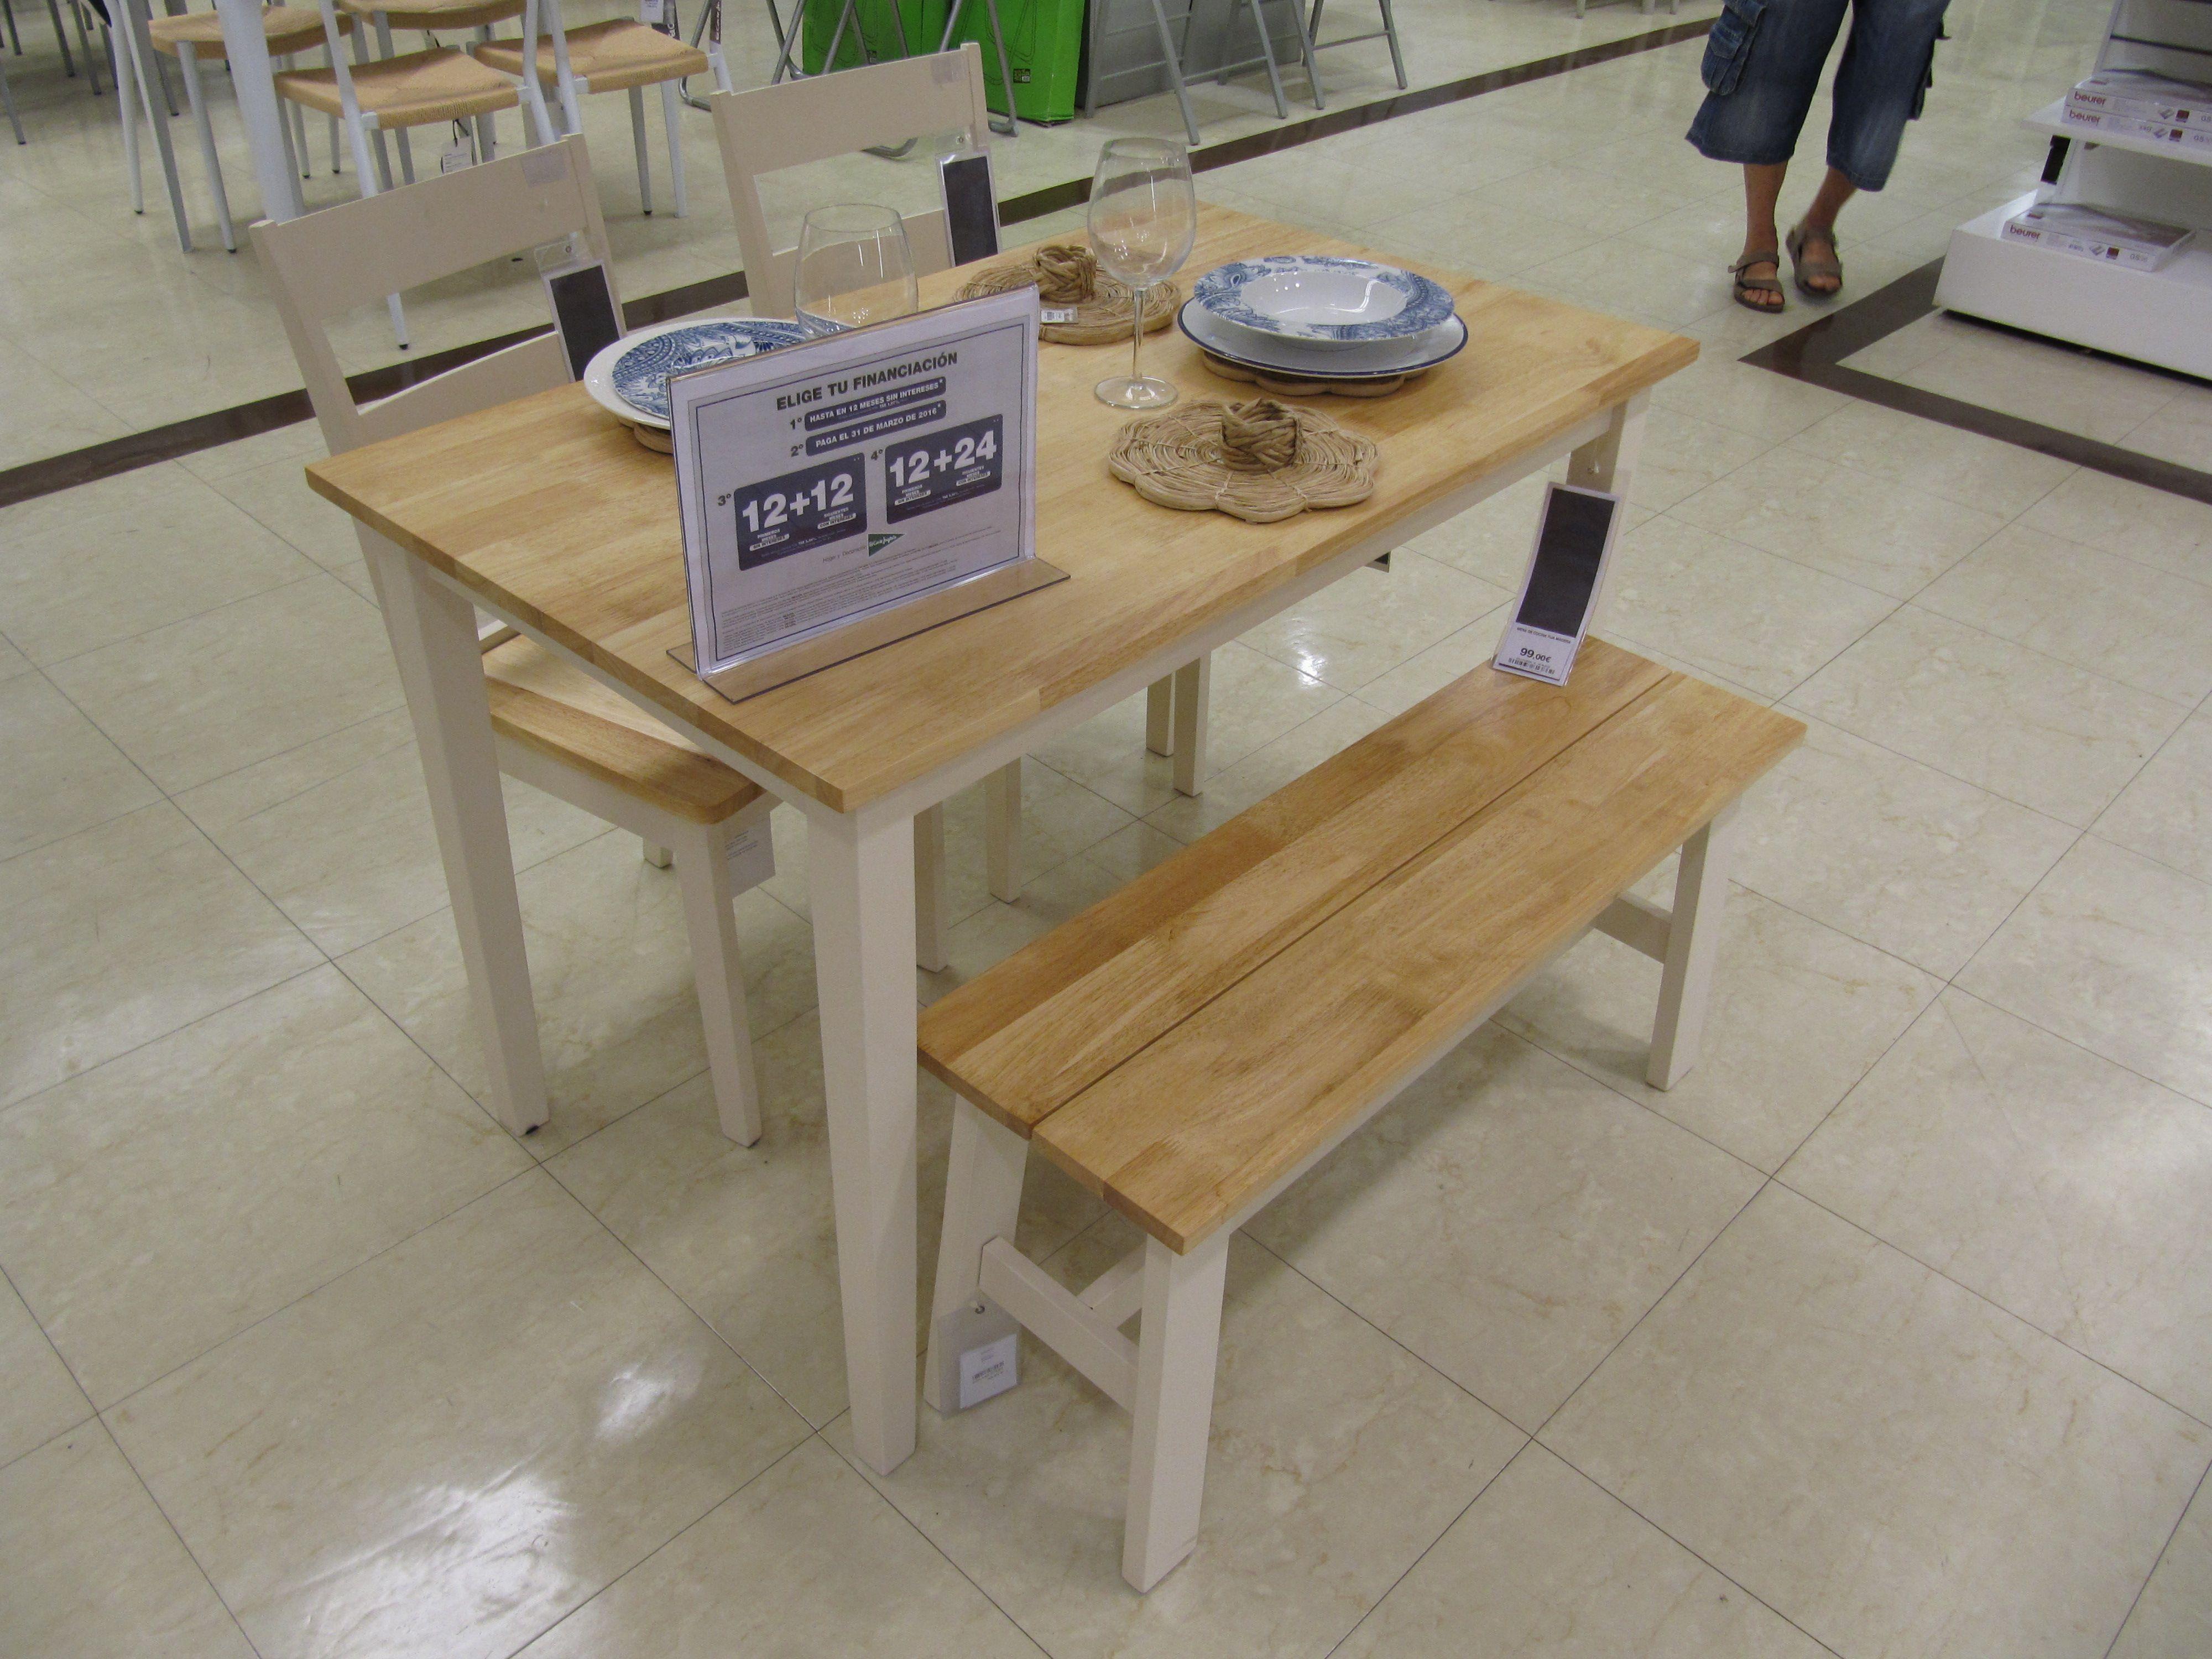 El corte ingl s mesa de madera 99 sillas 45 banqueta for Sillas salon el corte ingles